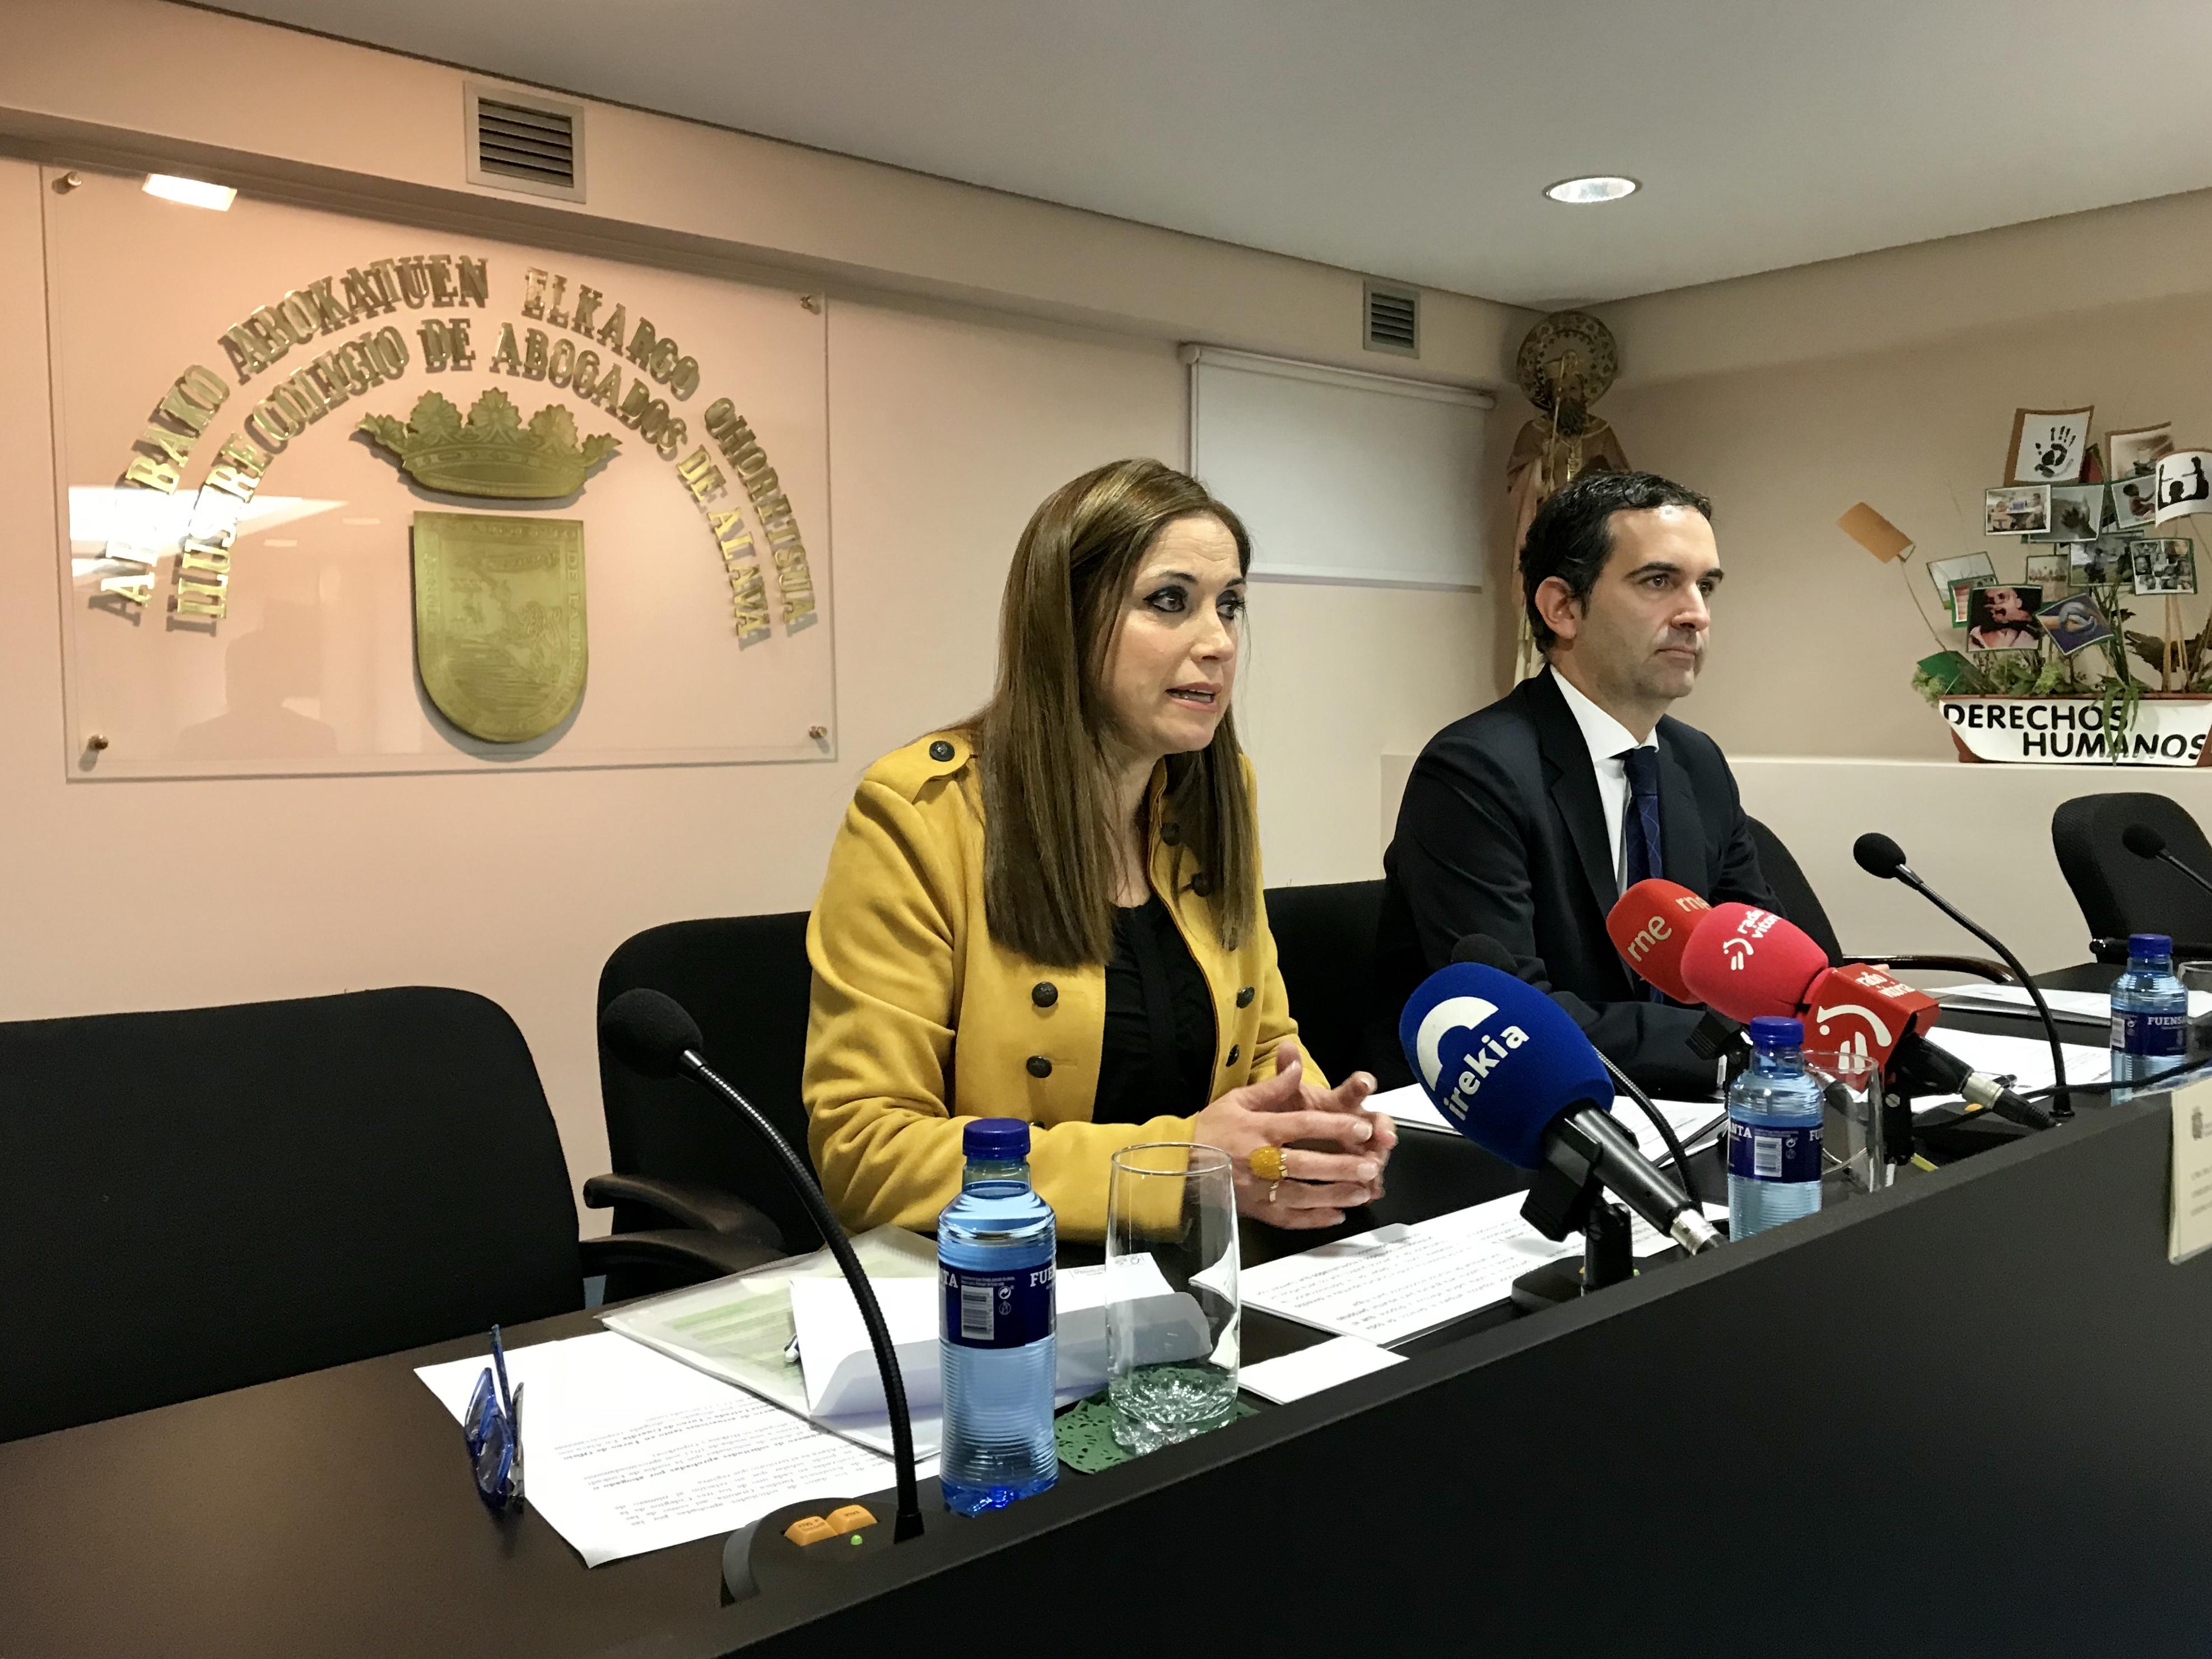 Eusko Jaurlaritzak 3 milioi euro bideratuko ditu Arabako Doako Laguntza Juridikora; bertan ofiziozko txandari atxikitako abokatutzako 250 profesional daude